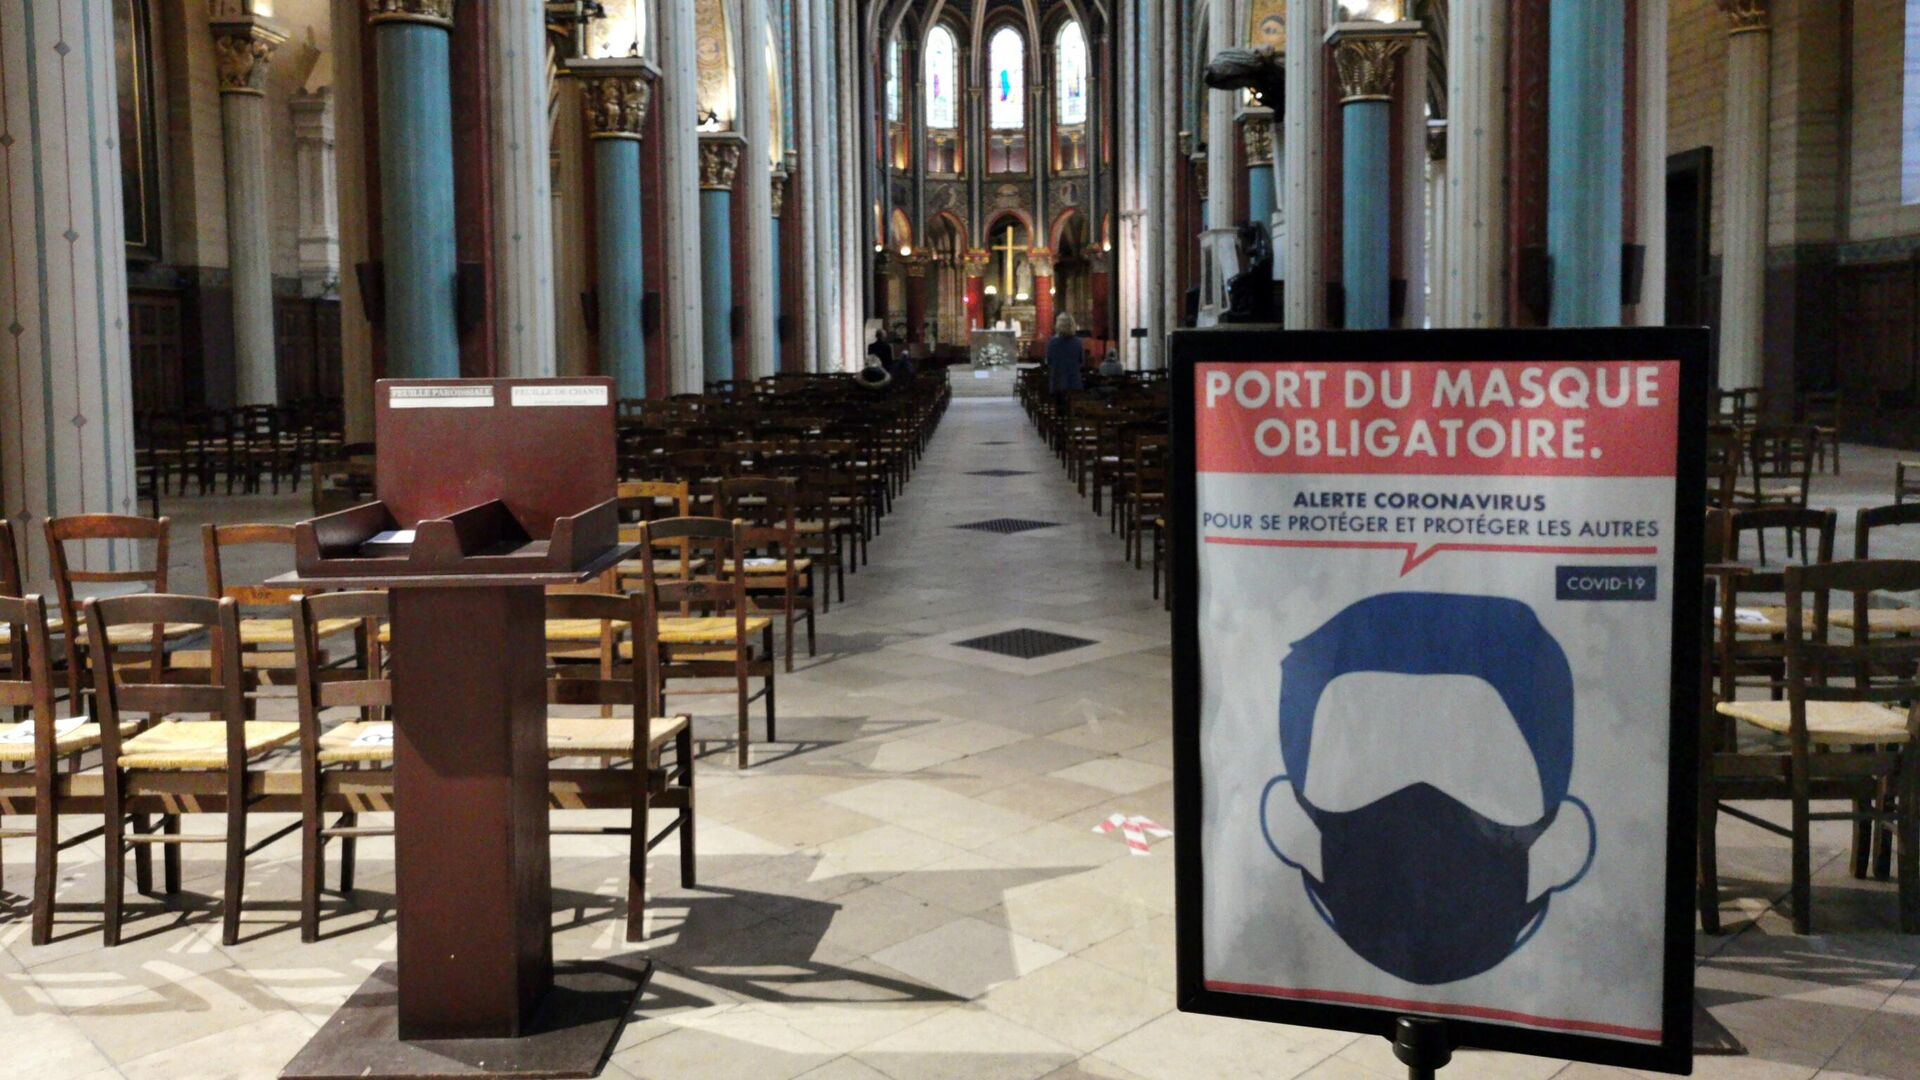 Плакат, напоминающий о ношении масок в церкви Сен-Жермен в Париже - РИА Новости, 1920, 05.11.2020